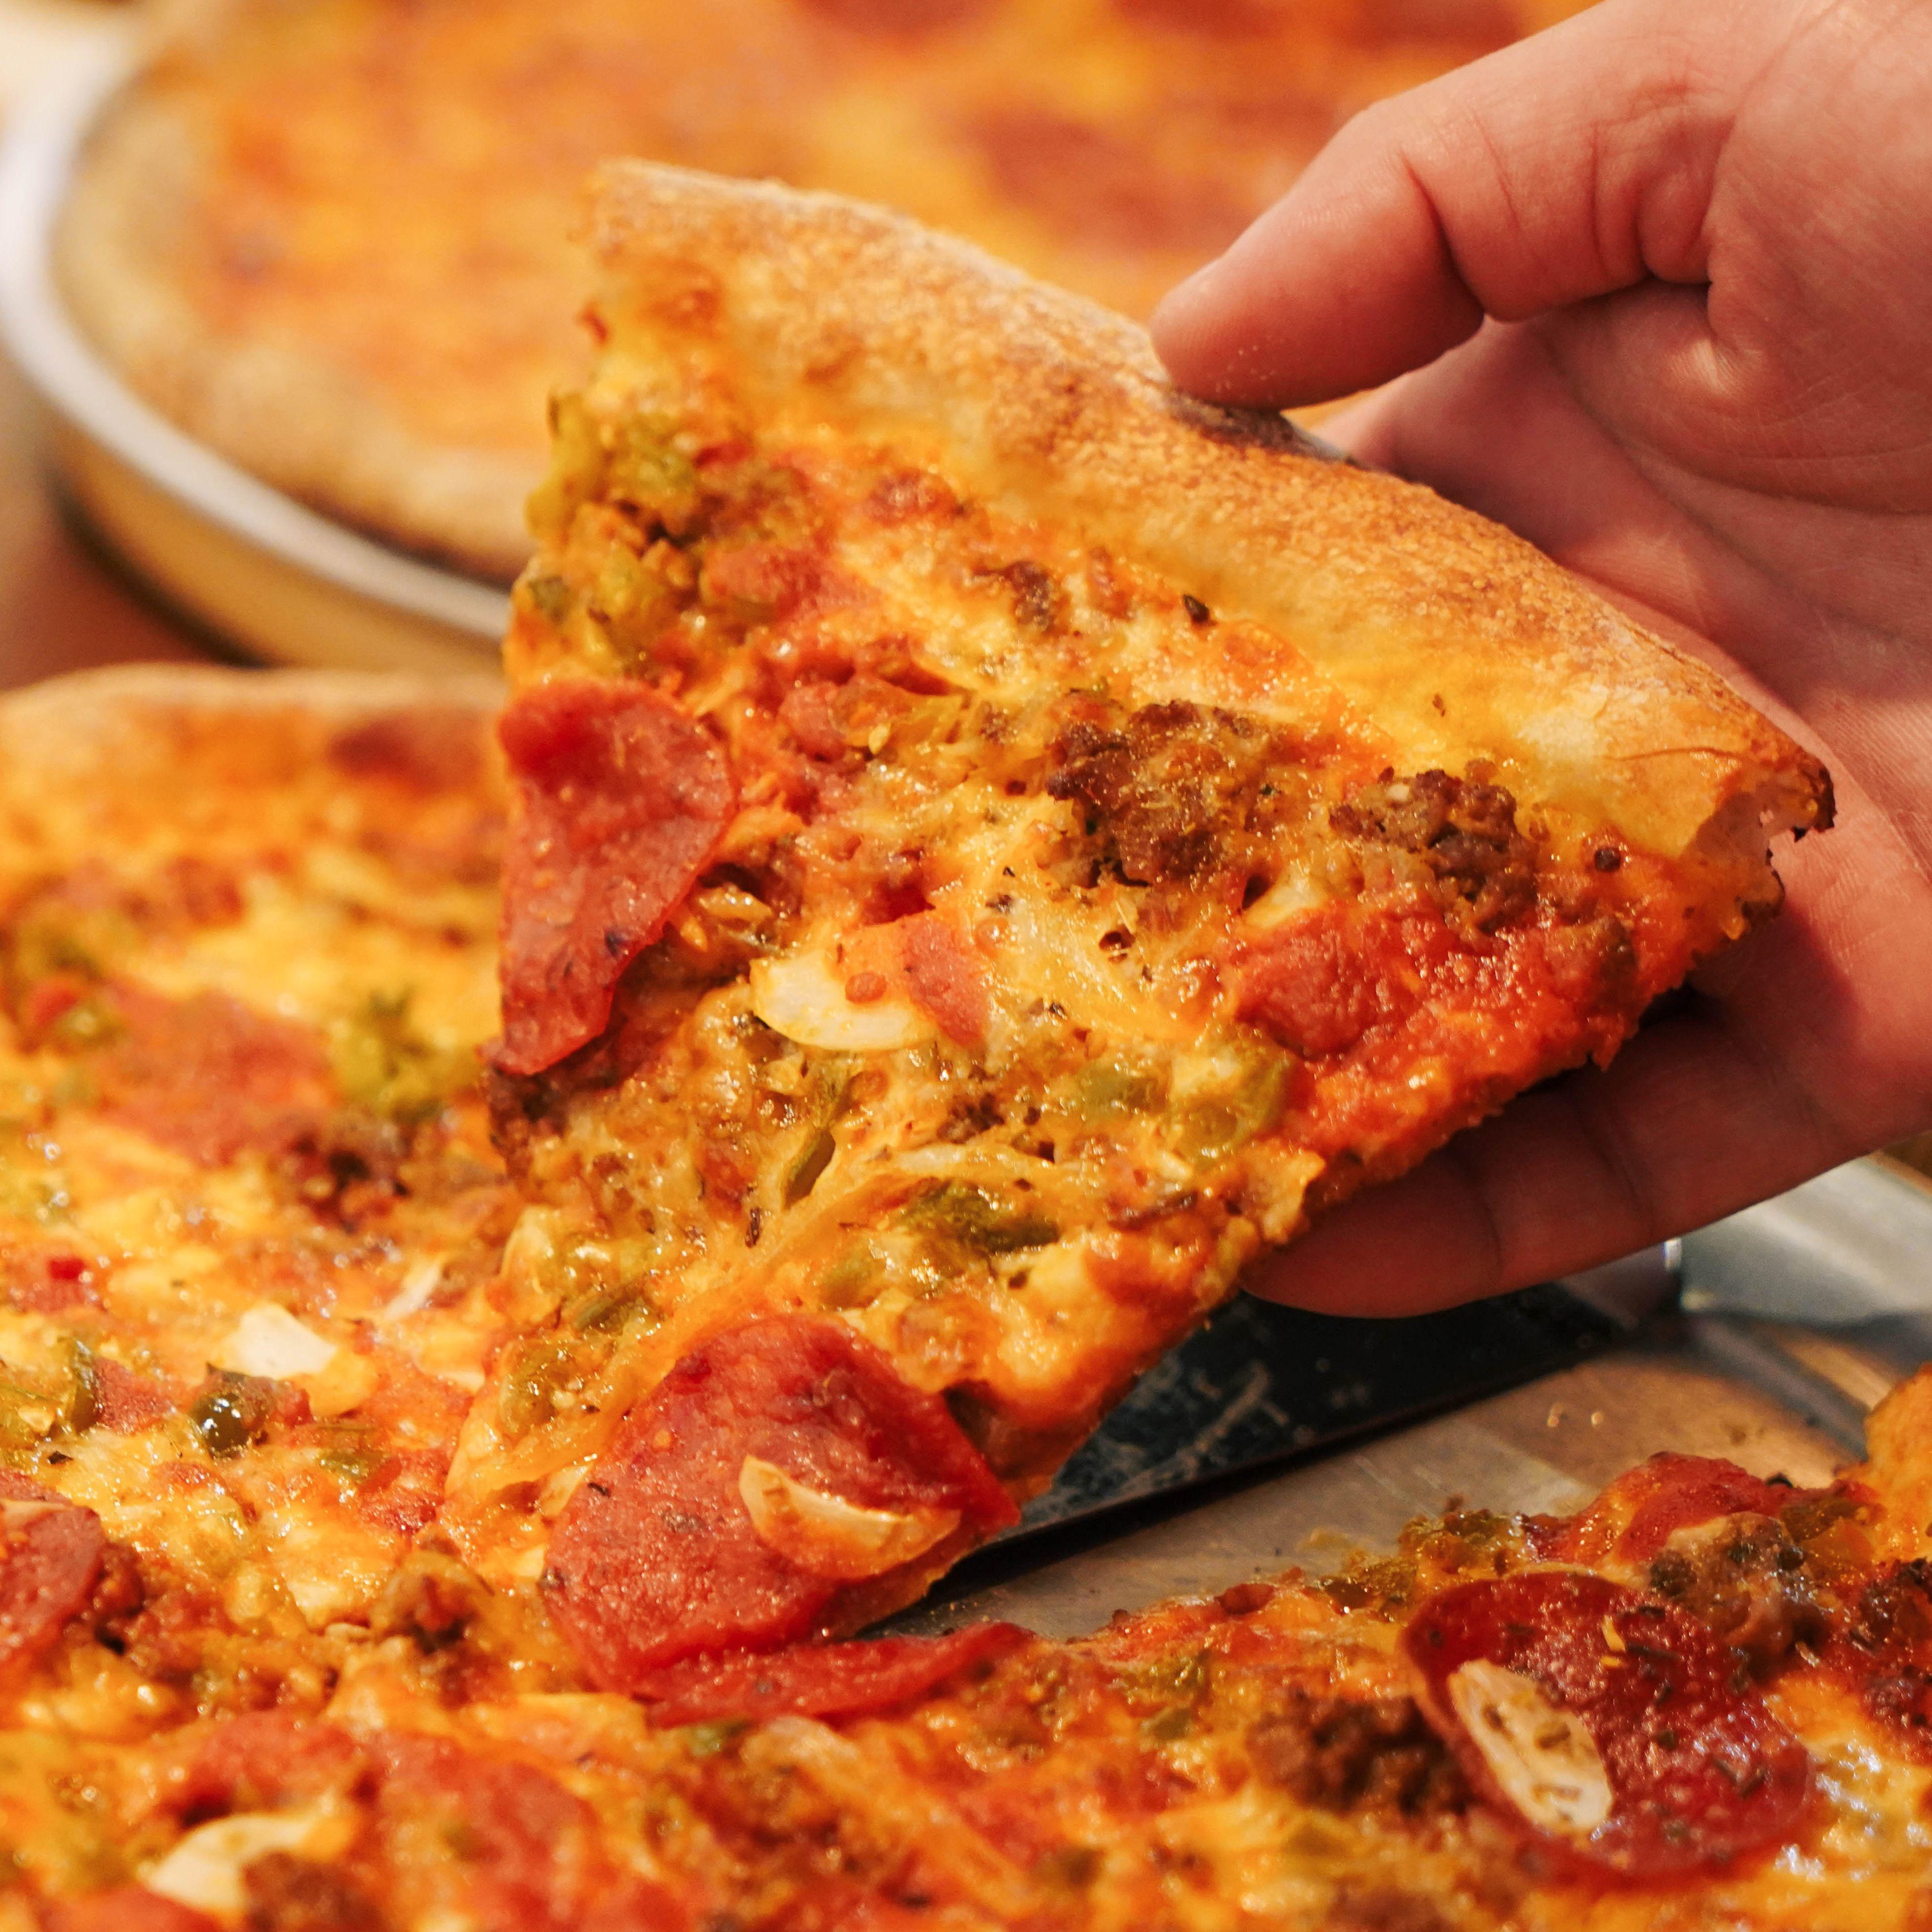 現點現做,讓你一口都停不下來!道地紐約口味「波利斯美式窯烤披薩」正式來台展店